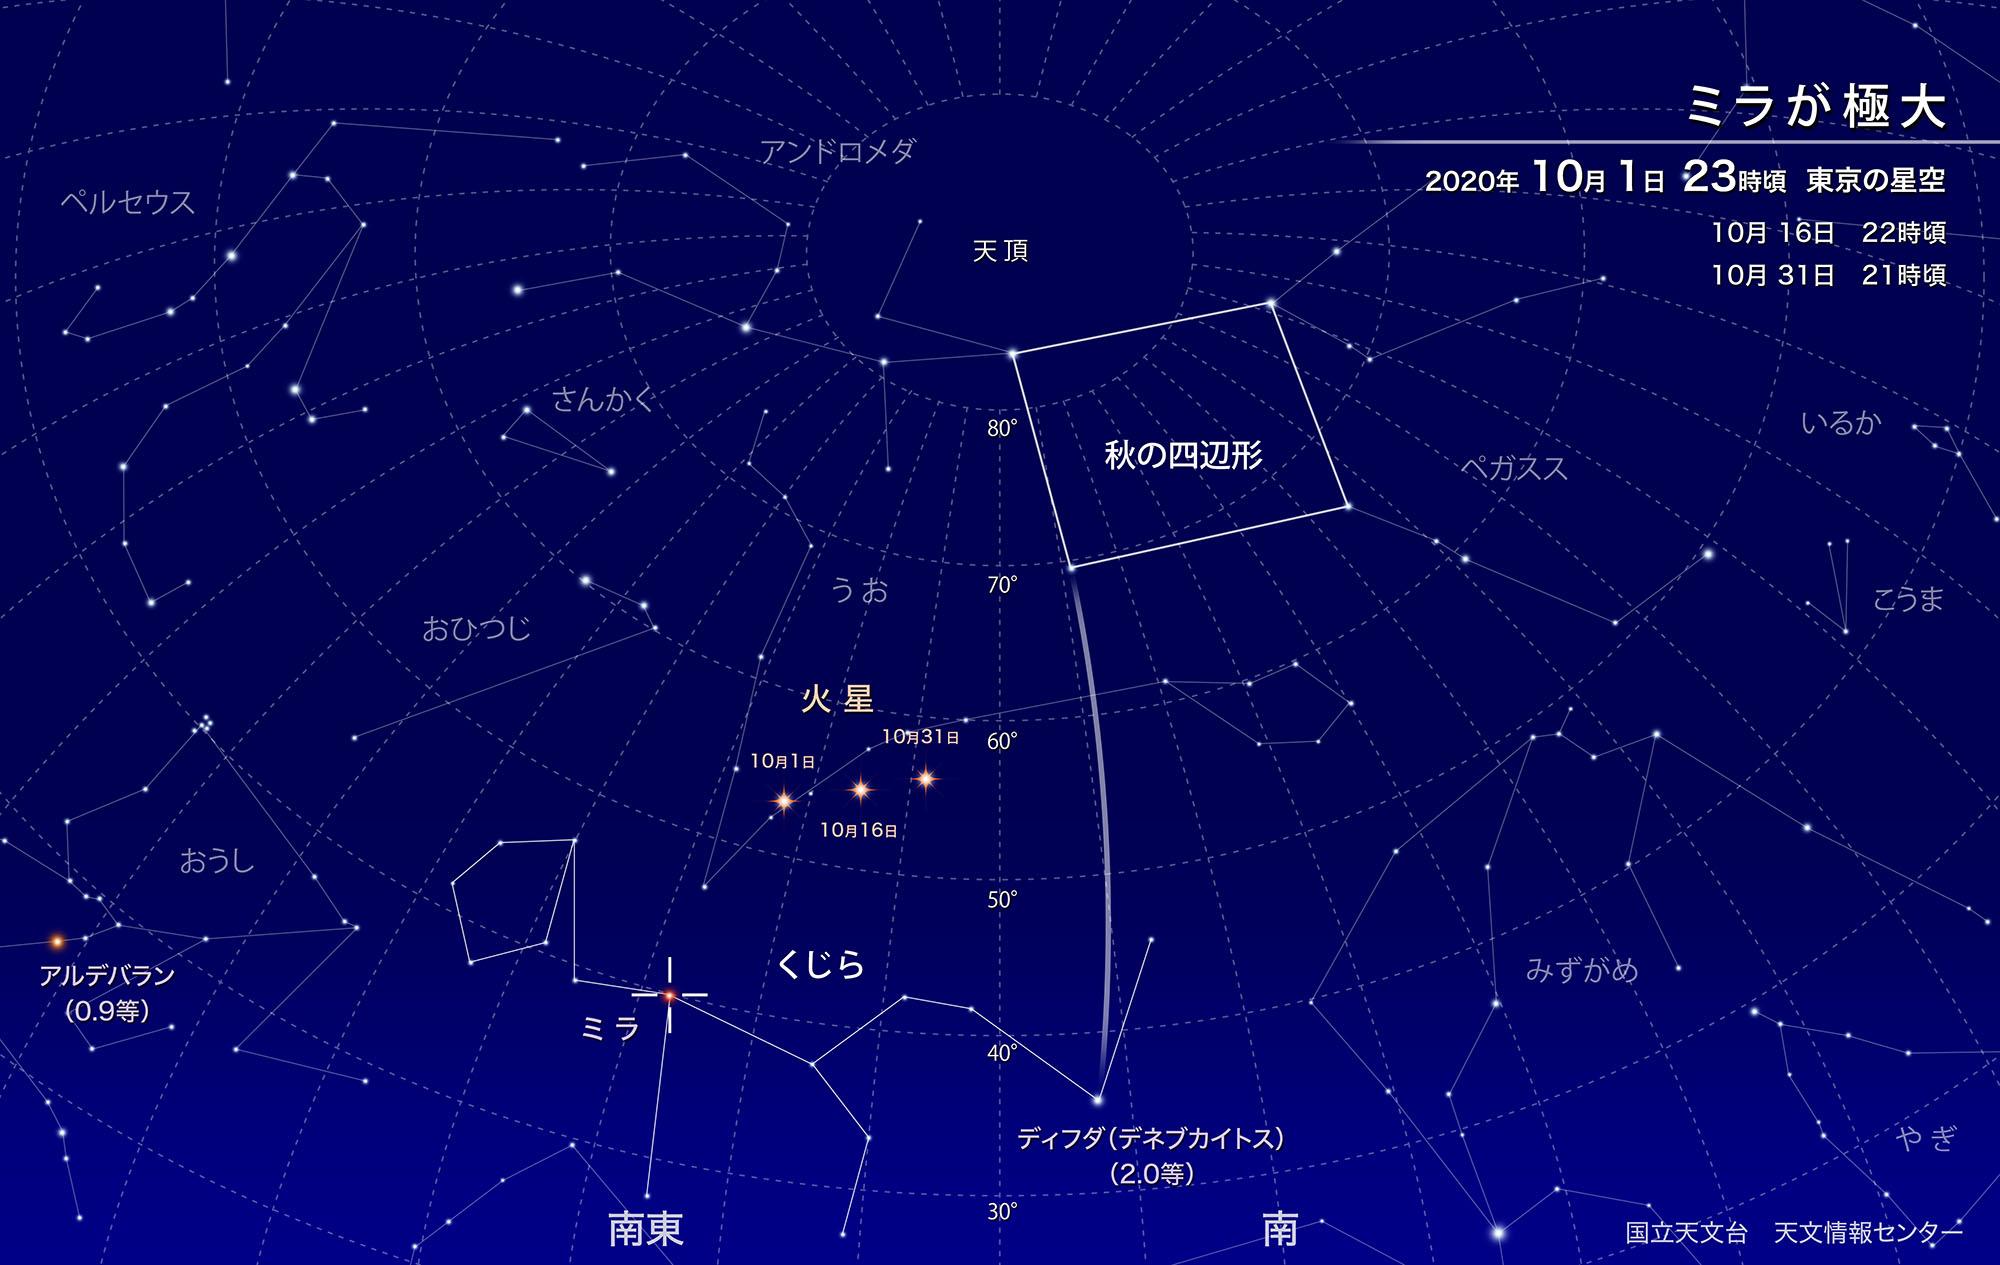 【速報】いま、くじら座の変光星、ミラが見えるぞ!の画像 2/4